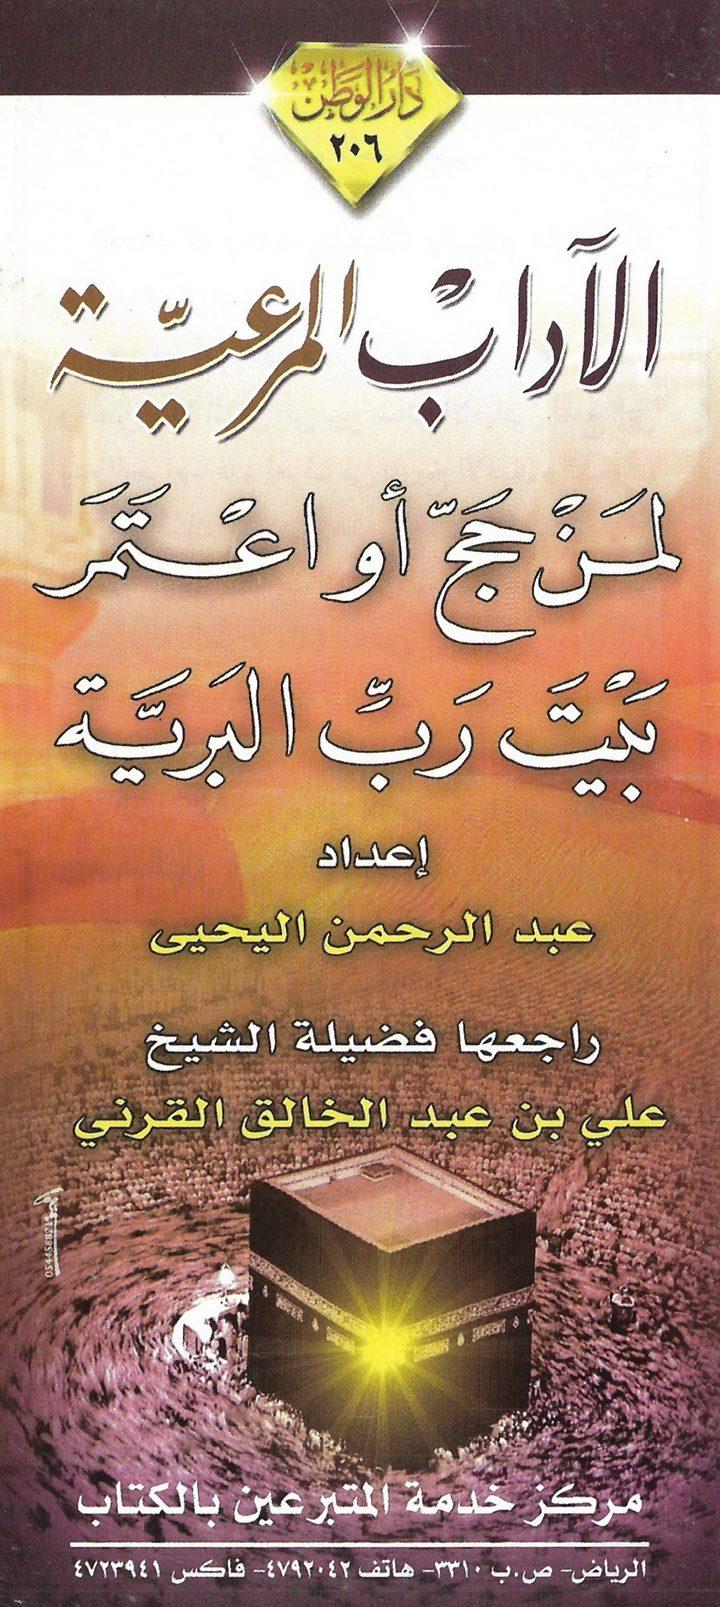 الآداب المرعيّة لمن حجّ أو اعتمر بيت ربّ البريّة (عبد الرحمن اليحيى – دار الوطن)